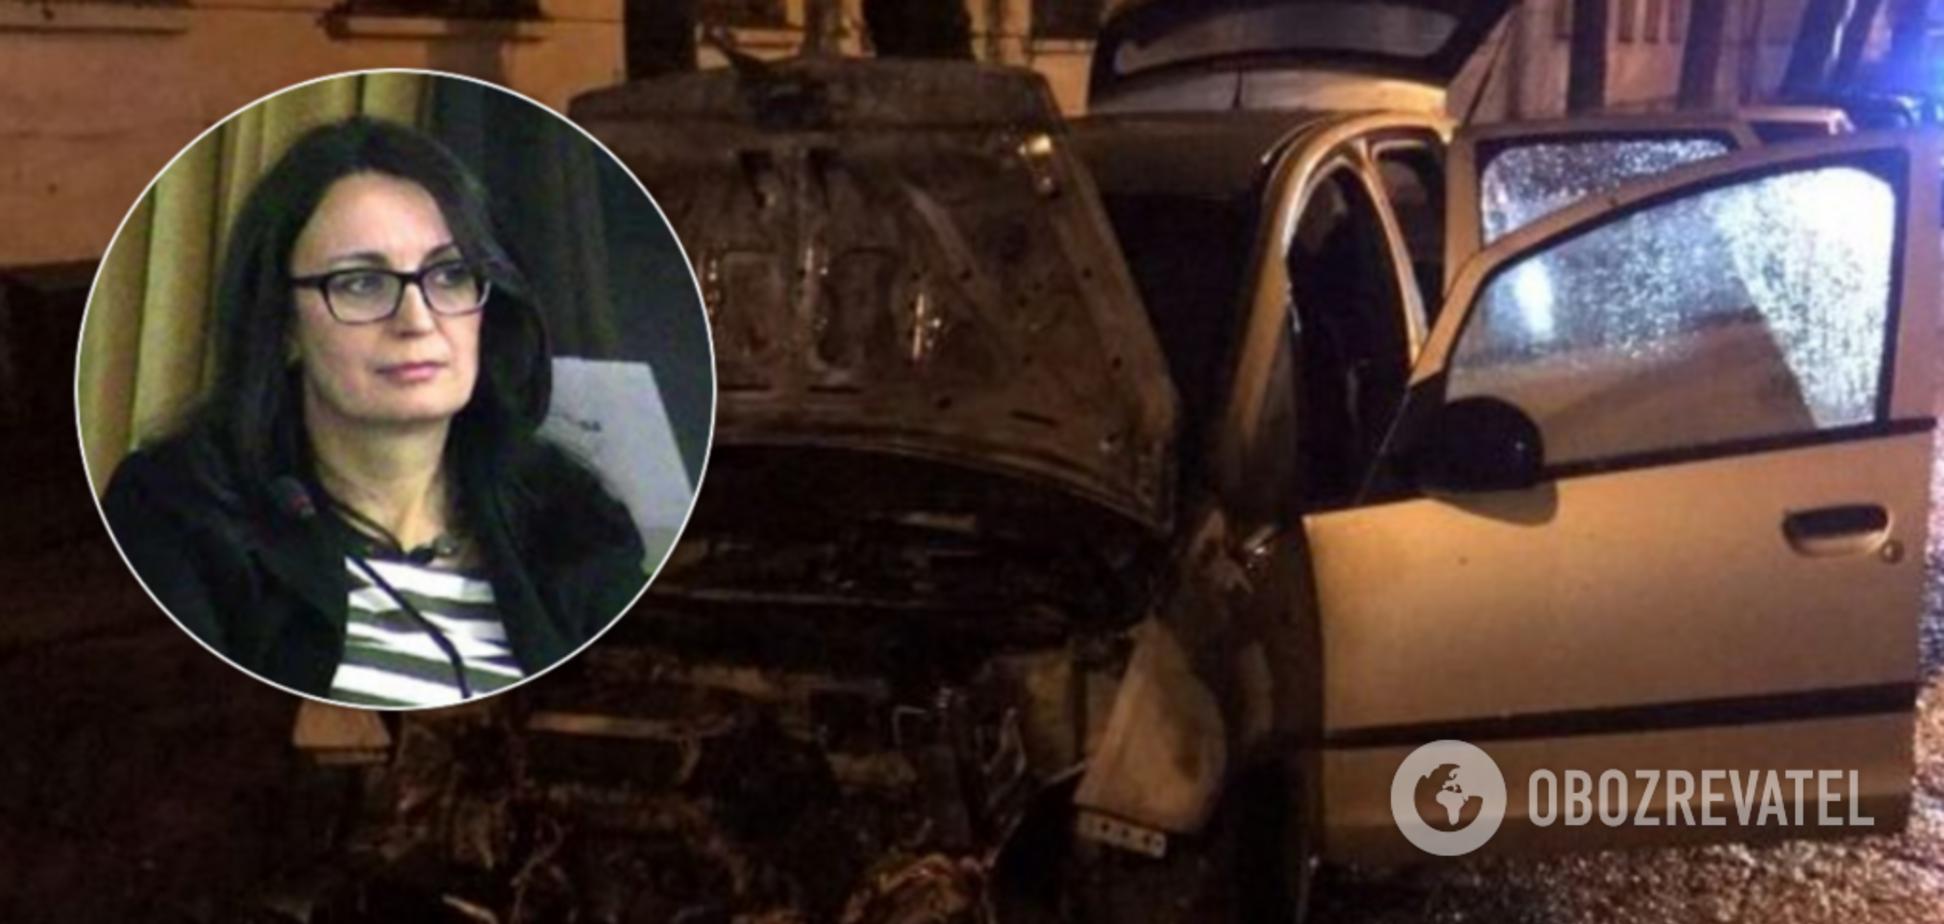 'Радио Свобода' сделало заявление о поджоге авто журналистки